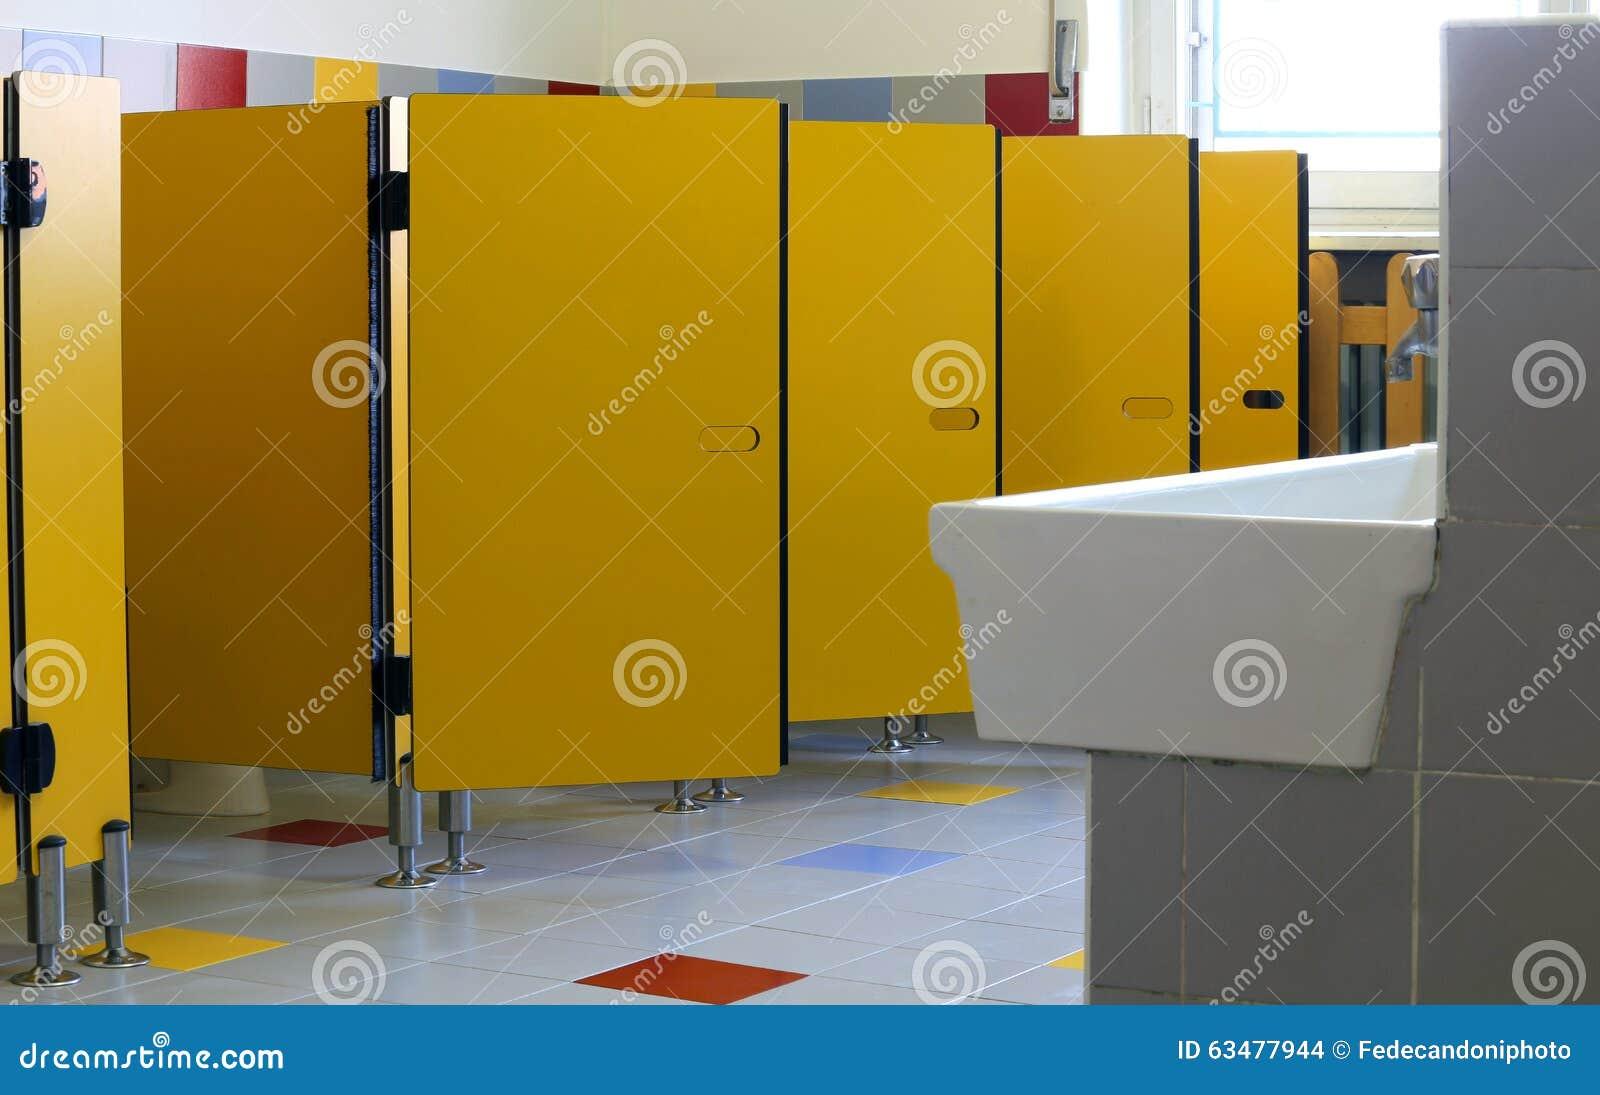 Bagni della scuola materna con le porte gialle delle for Le cabine progetta le planimetrie